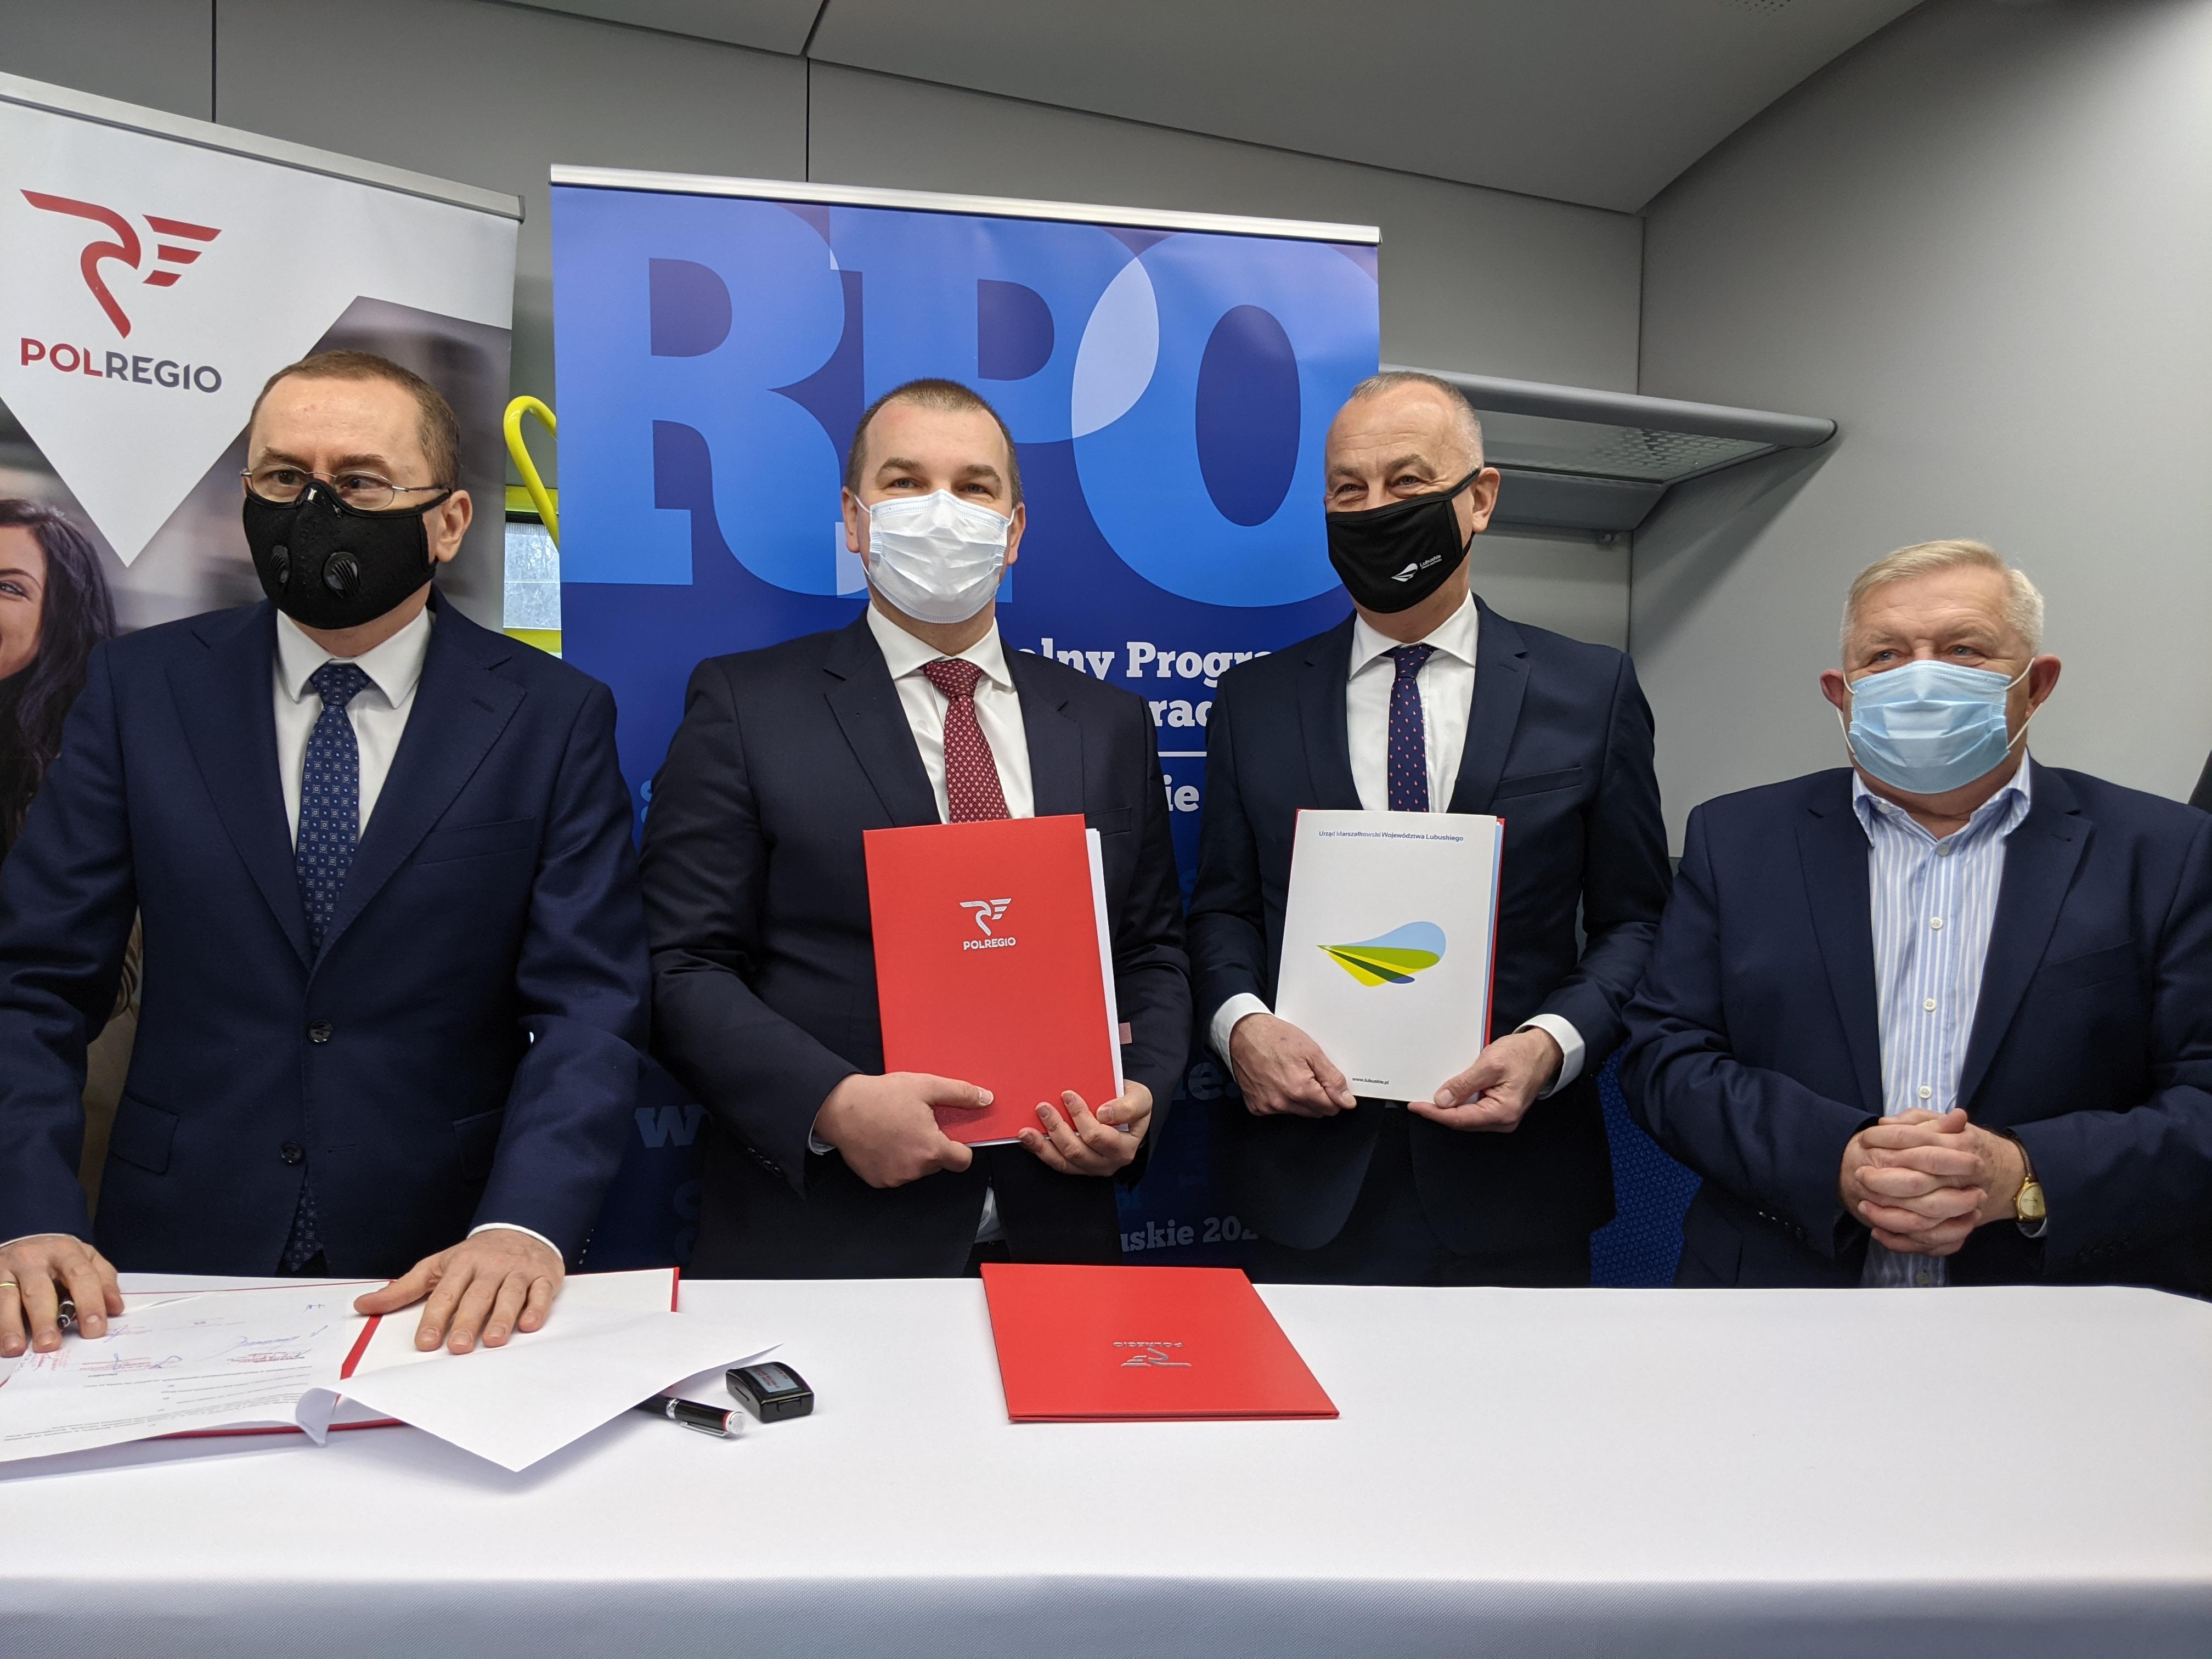 Podpisanie umowy POLREGIO - Wojewdztwo Lubuskie